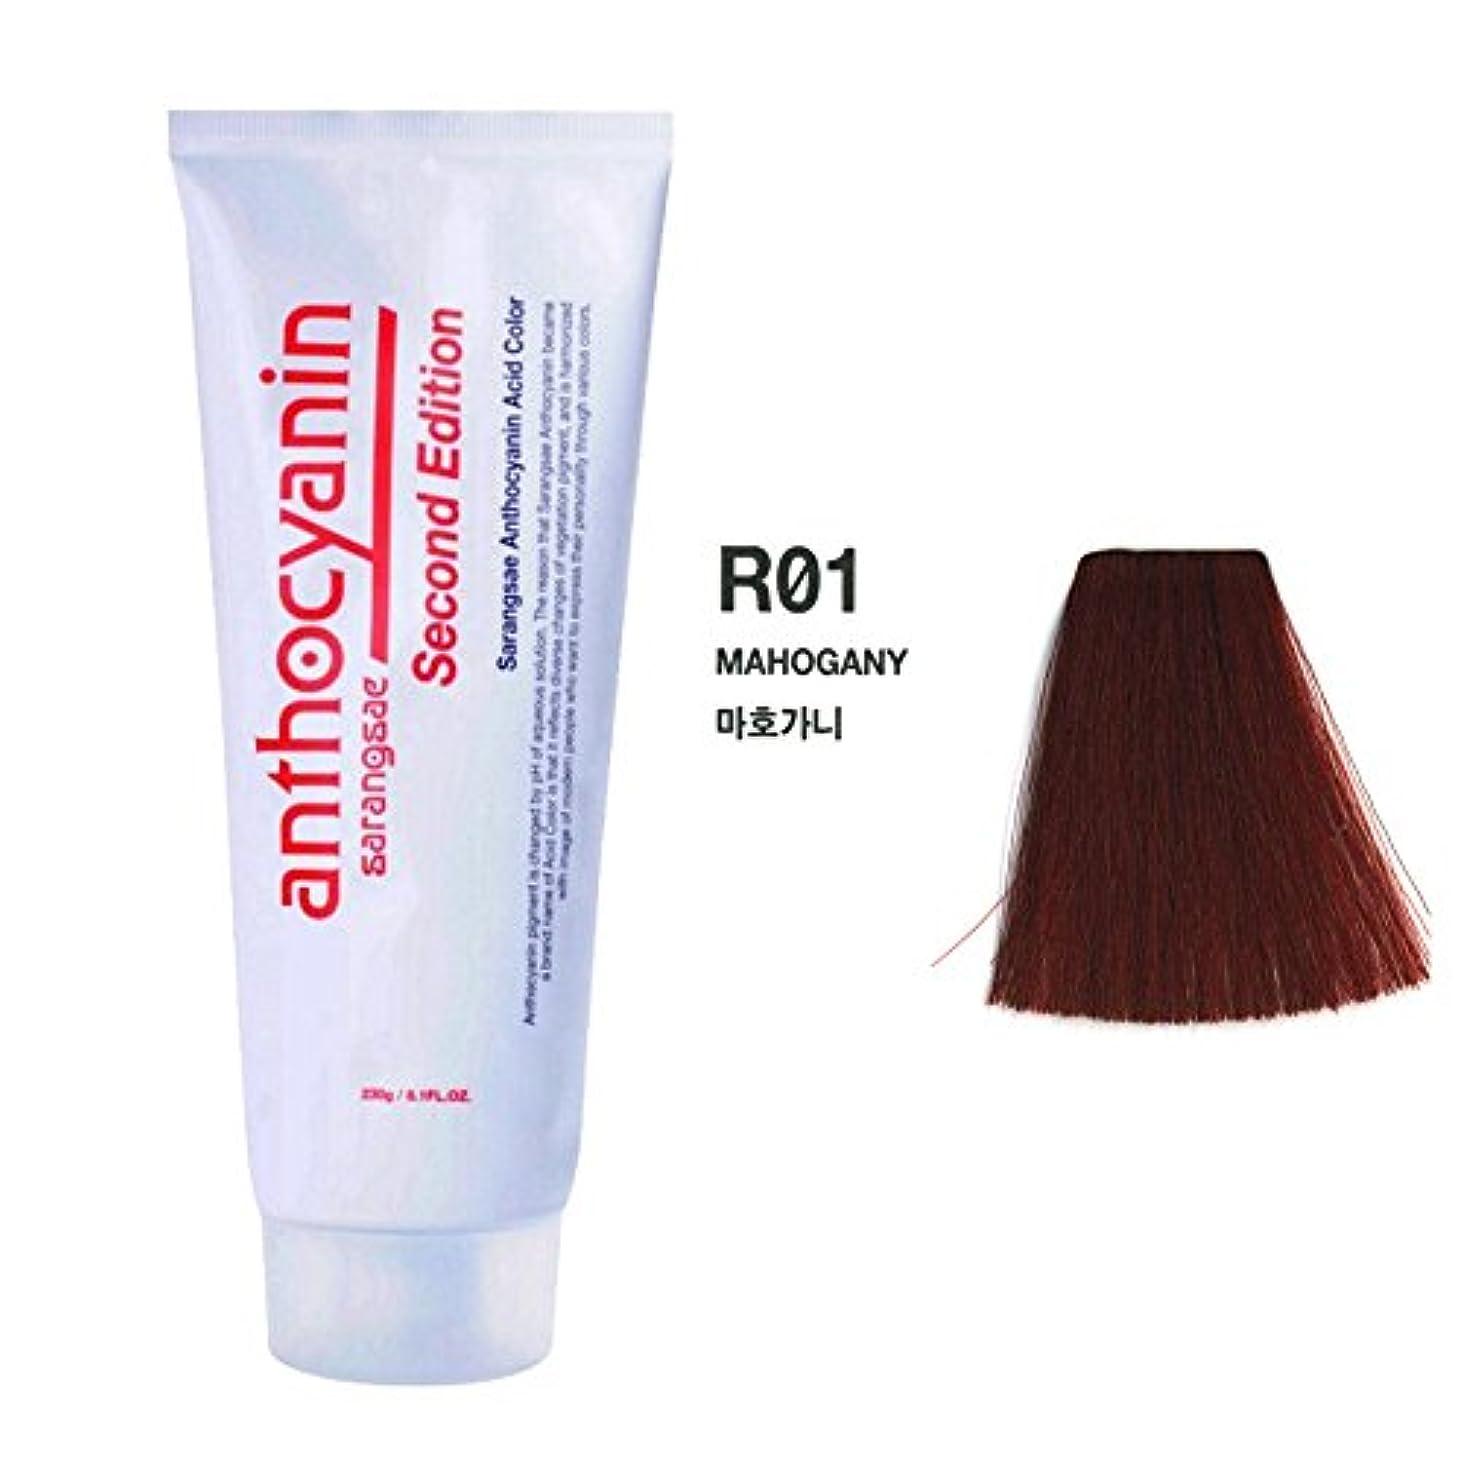 含意マニフェストモンクヘア マニキュア カラー セカンド エディション 230g セミ パーマネント 染毛剤 ( Hair Manicure Color Second Edition 230g Semi Permanent Hair Dye) [並行輸入品] (R01 Mahogany)